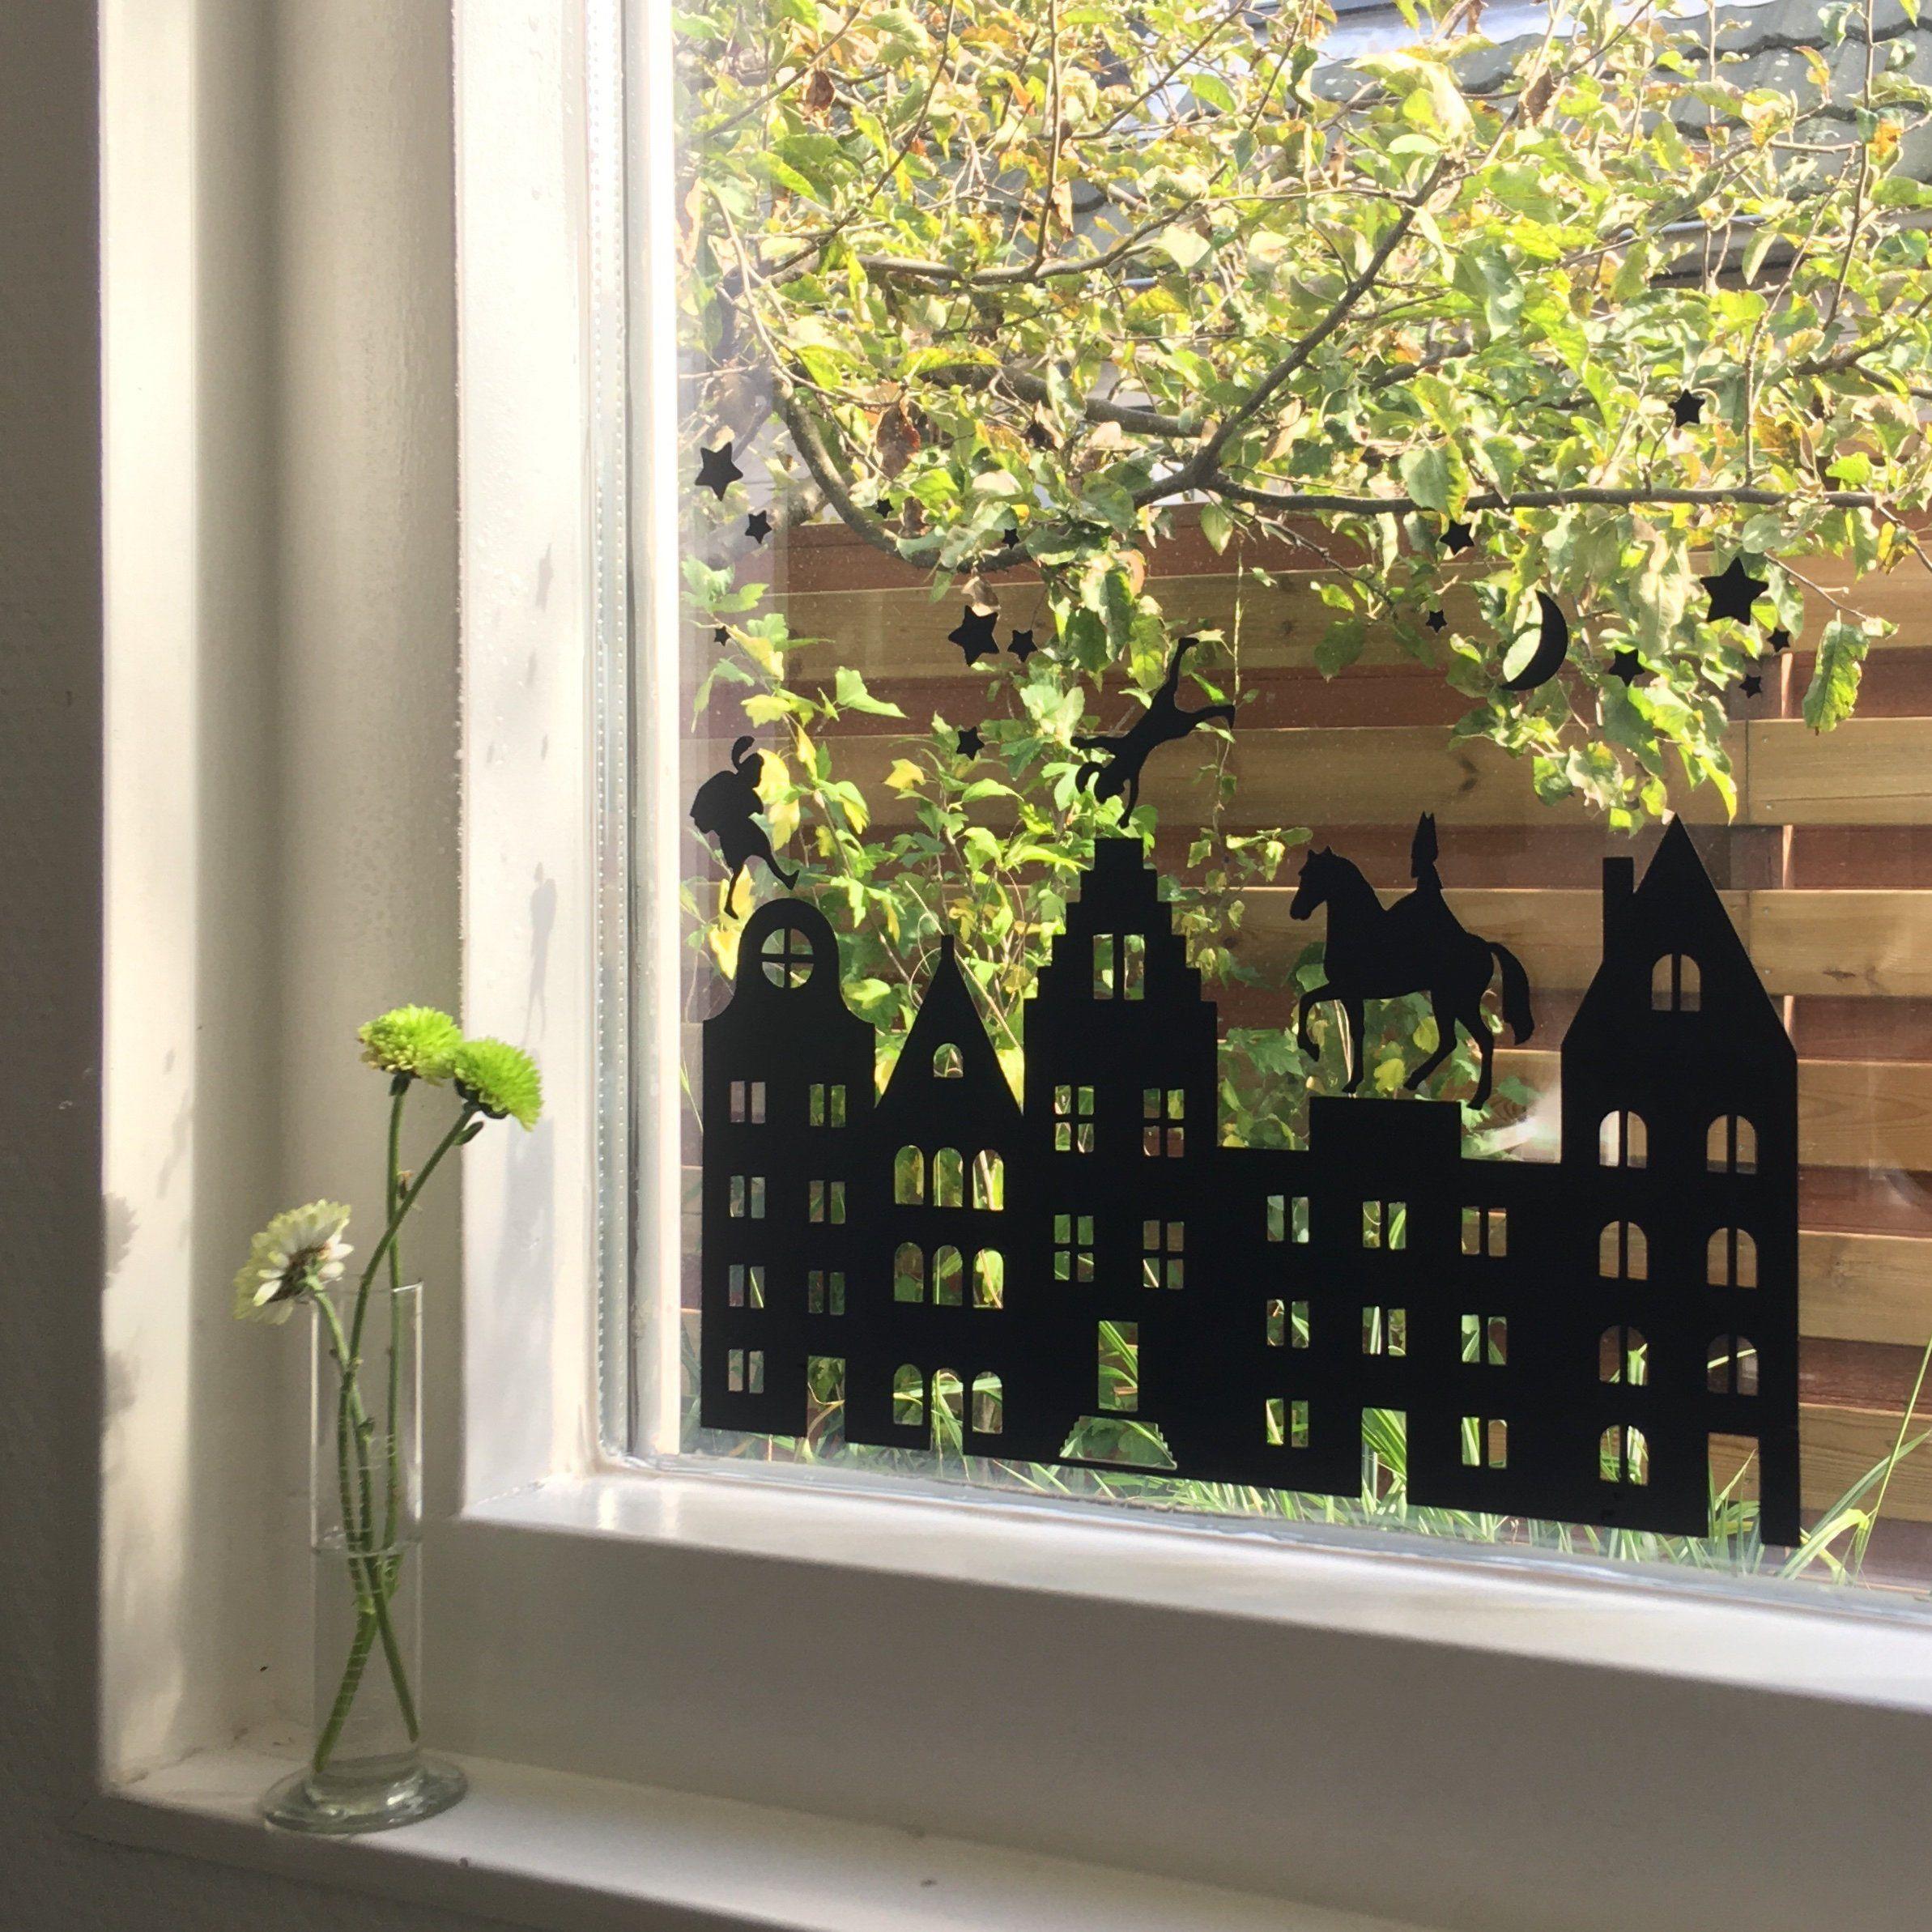 raamsticker | Sinterklaas en Piet | 5 december | feestdagen | raamdecoratie | grachtenpand | sterren maan